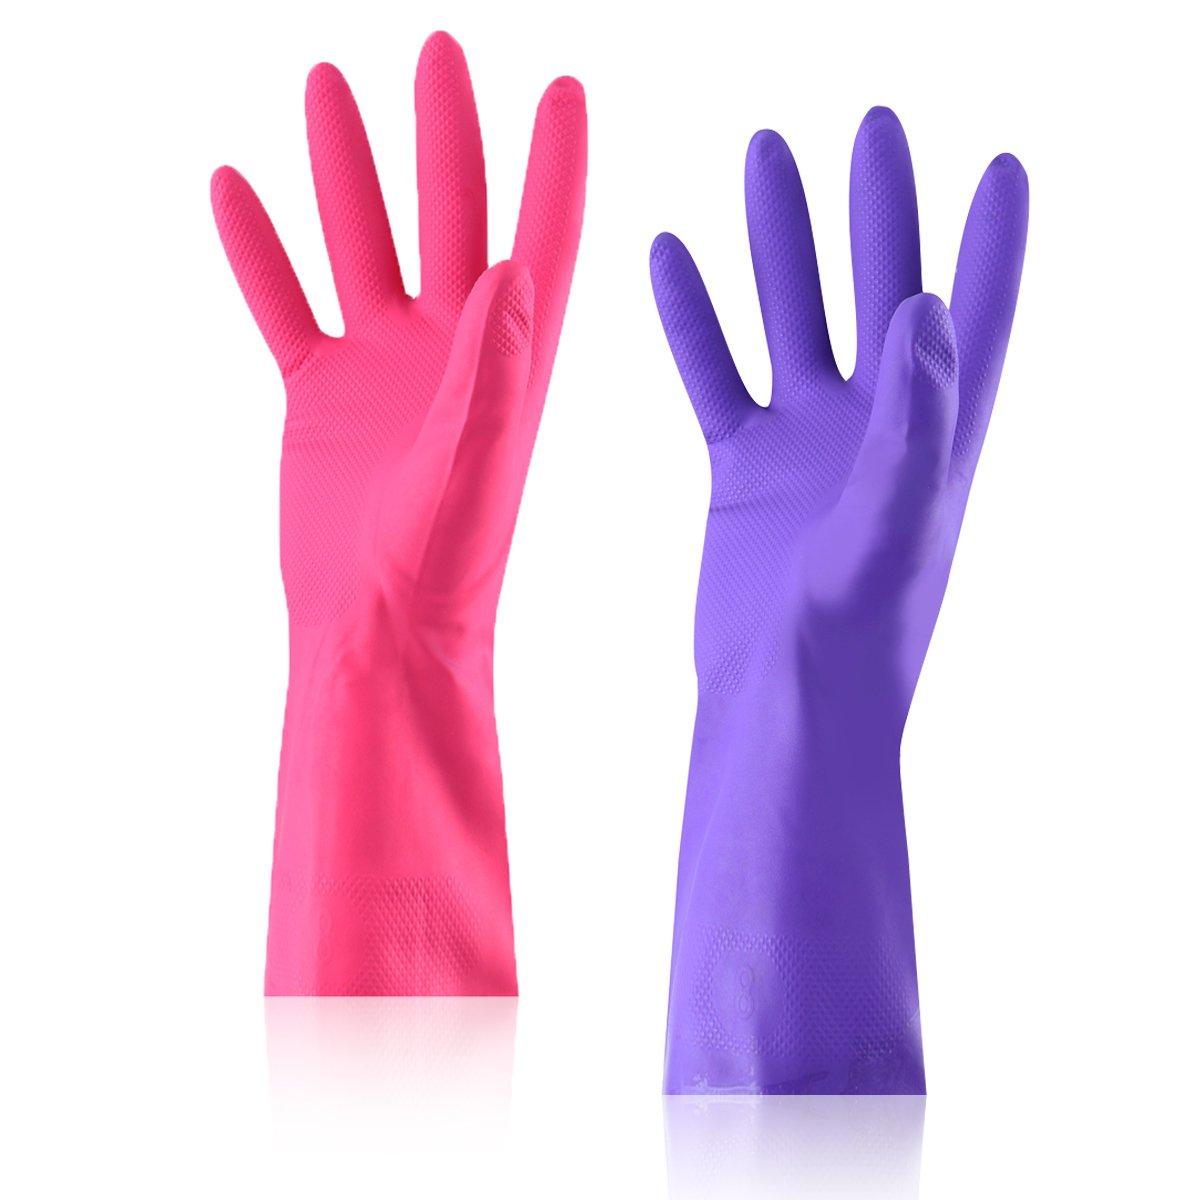 ラバーラテックス作業防水Household Gloves – aikegou再利用可能な洗濯手袋、手と快適フィット換気2パック M M  B0774L2J2J